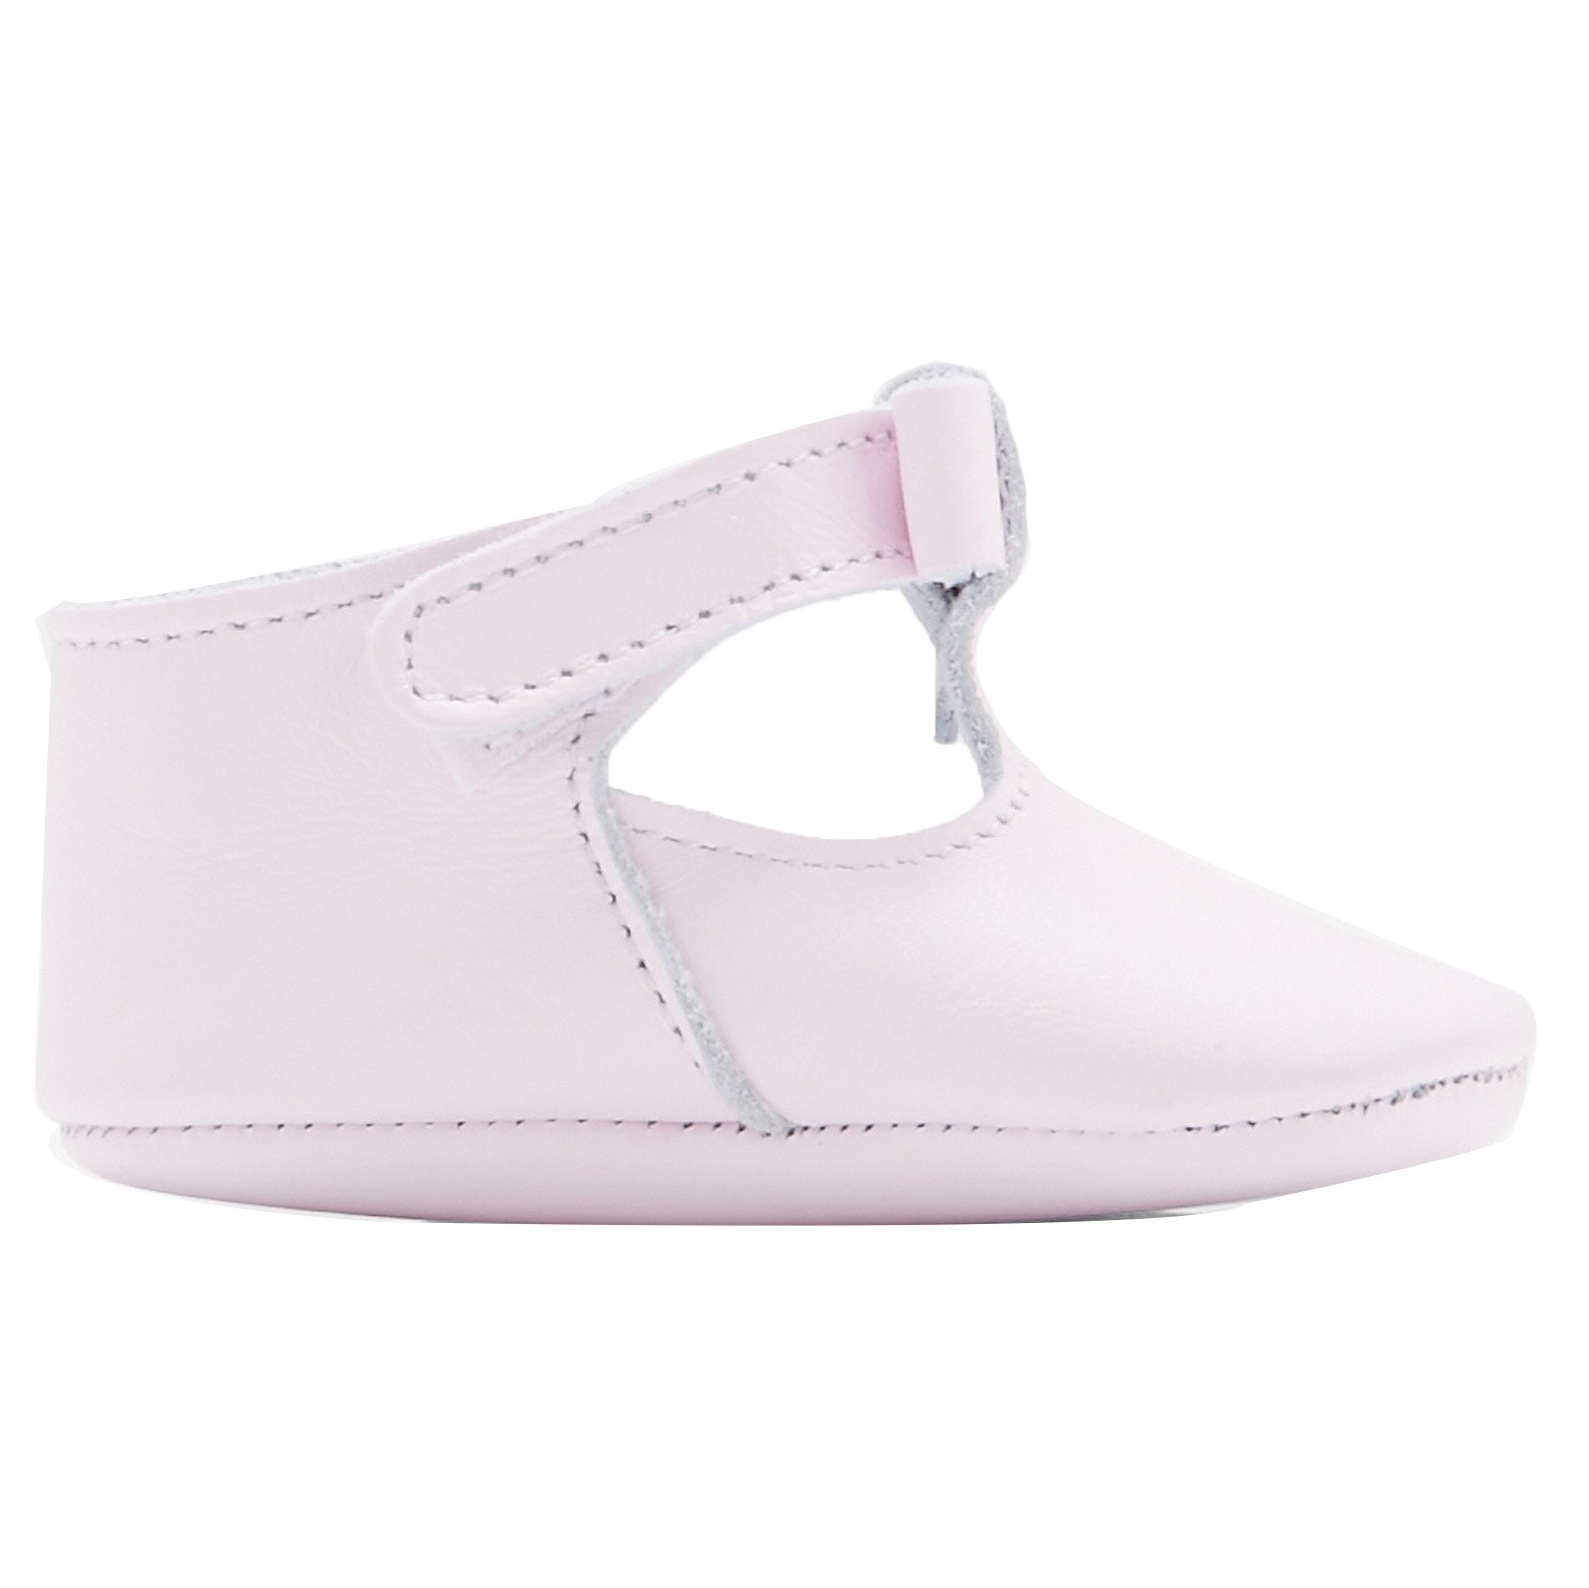 کفش چرم نوزادی دخترانه Mae - جاکادی